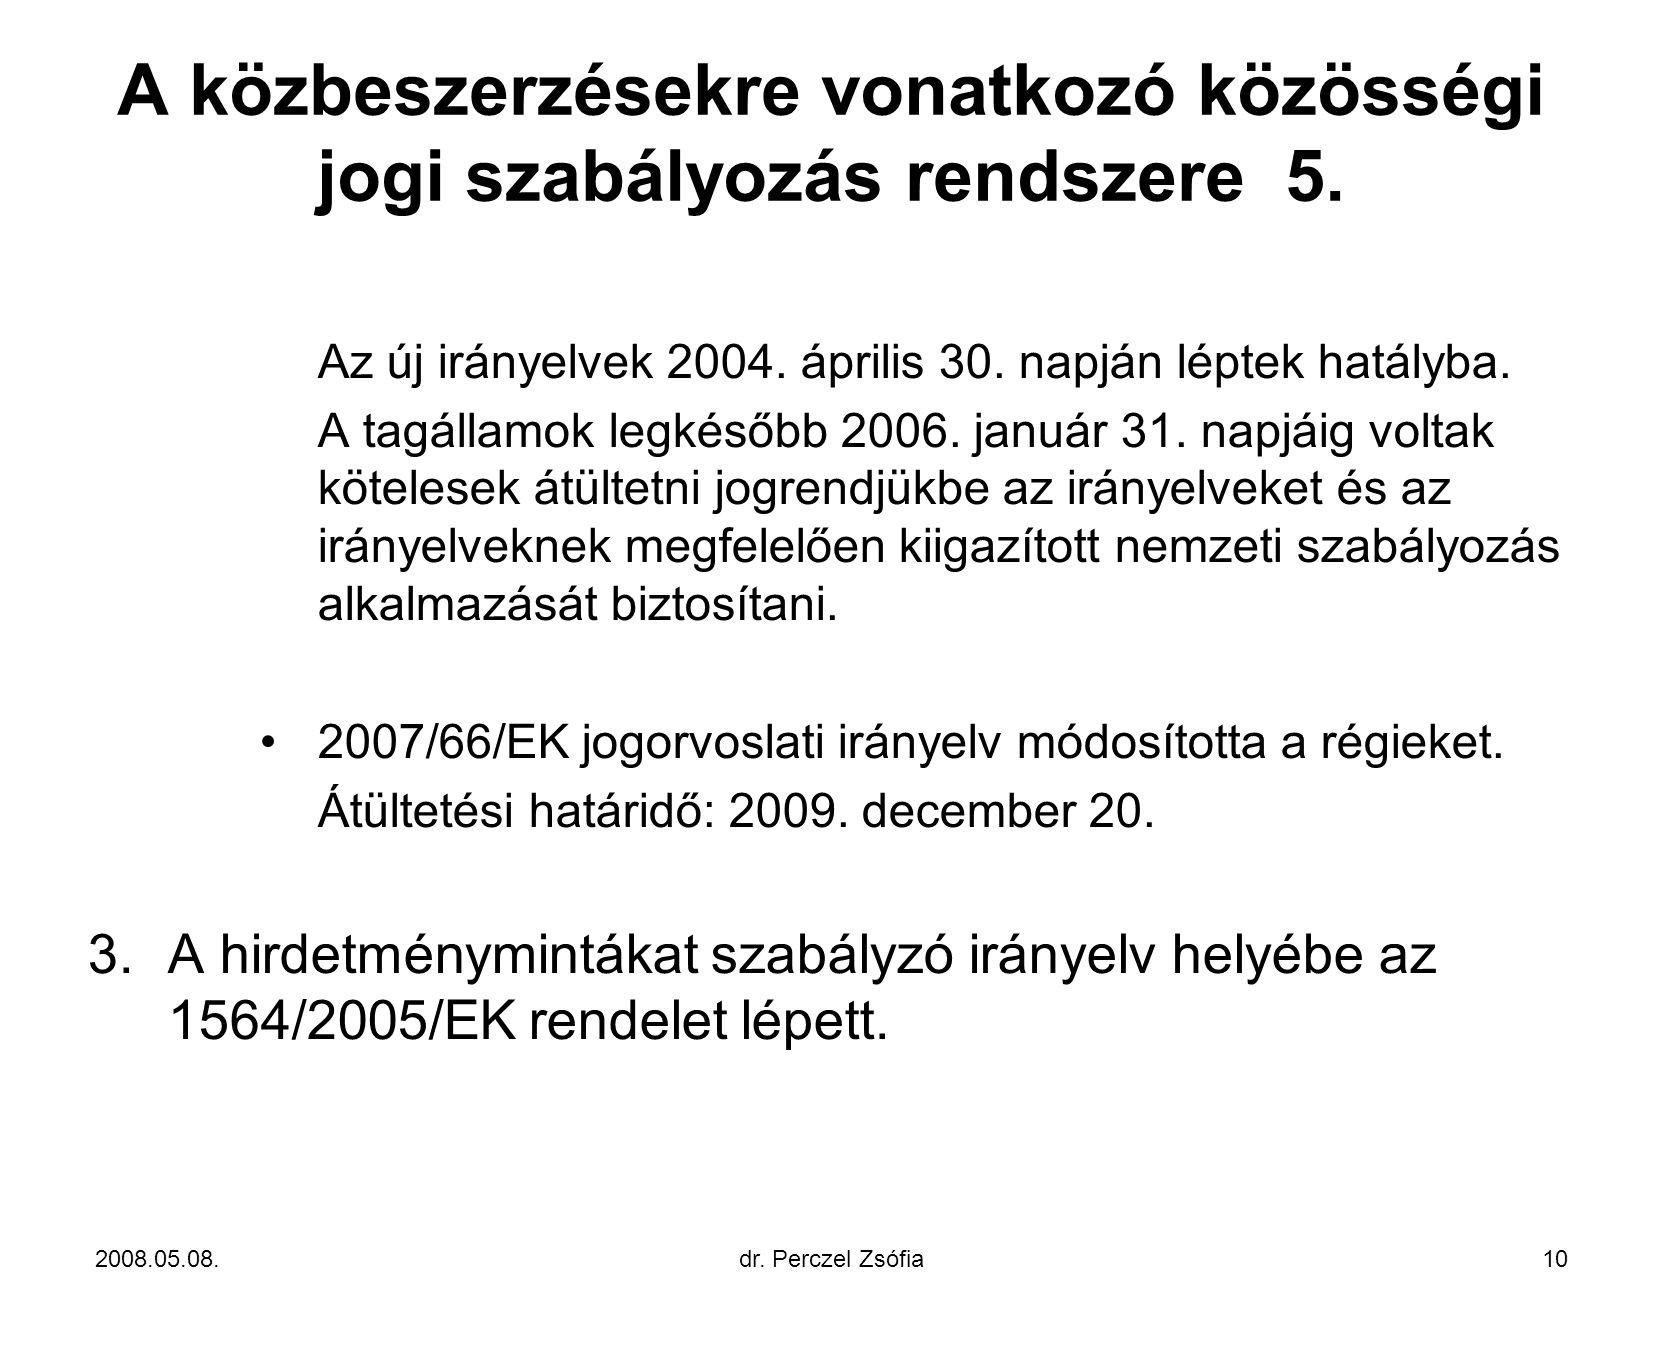 A közbeszerzésekre vonatkozó közösségi jogi szabályozás rendszere 5.